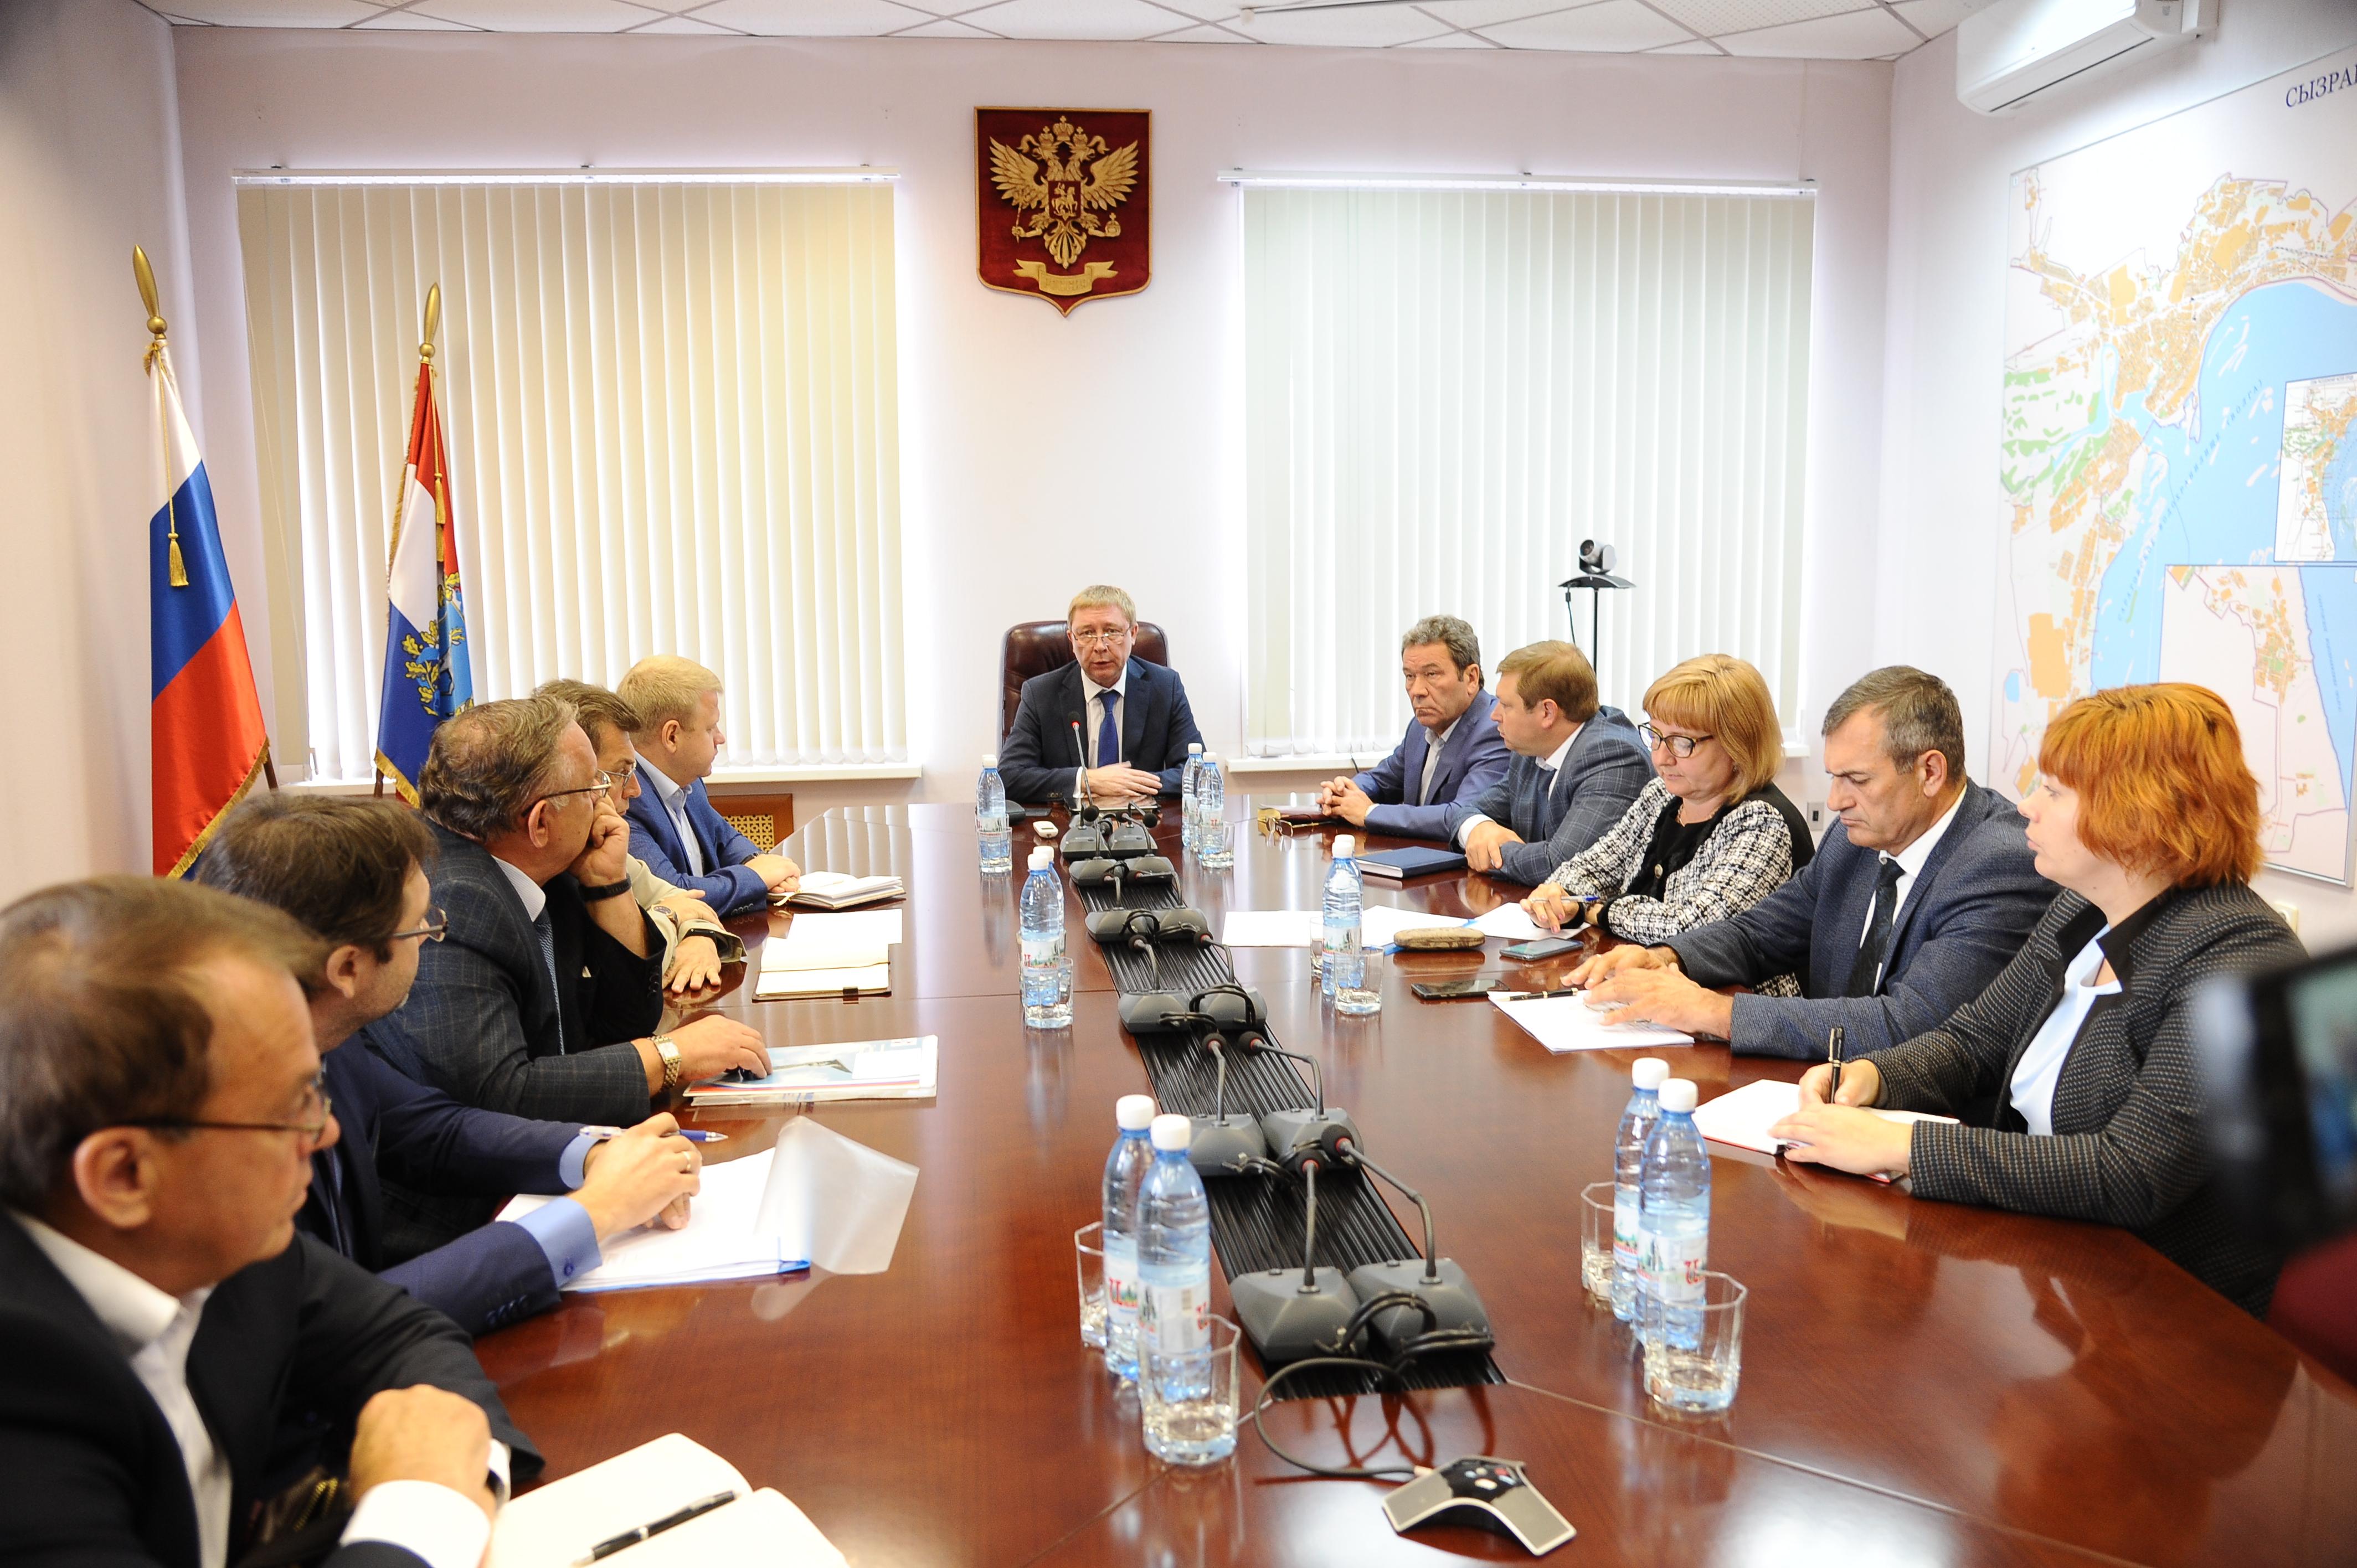 Две производственные компании Сызрани стали участниками национального проекта «Повышение производительности труда и поддержка занятости»